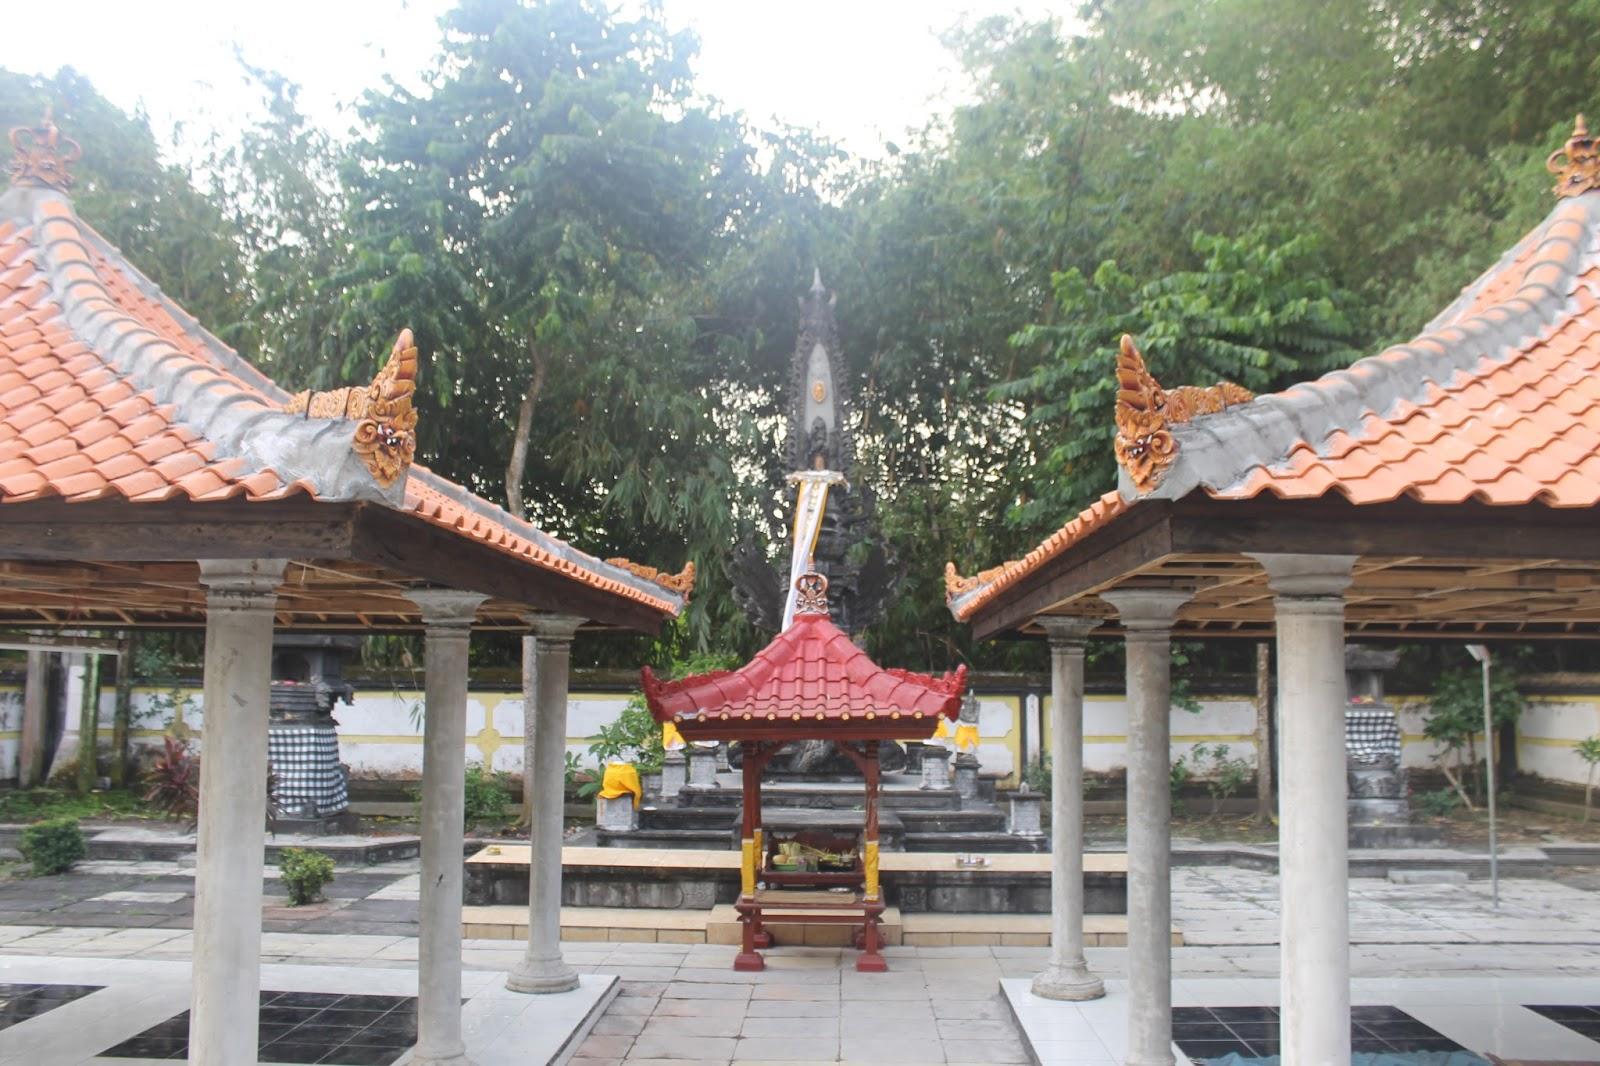 Pura Tirtha Sudhamala Bimas Hindu Jawa Timur Penataran Agung Kilisuci